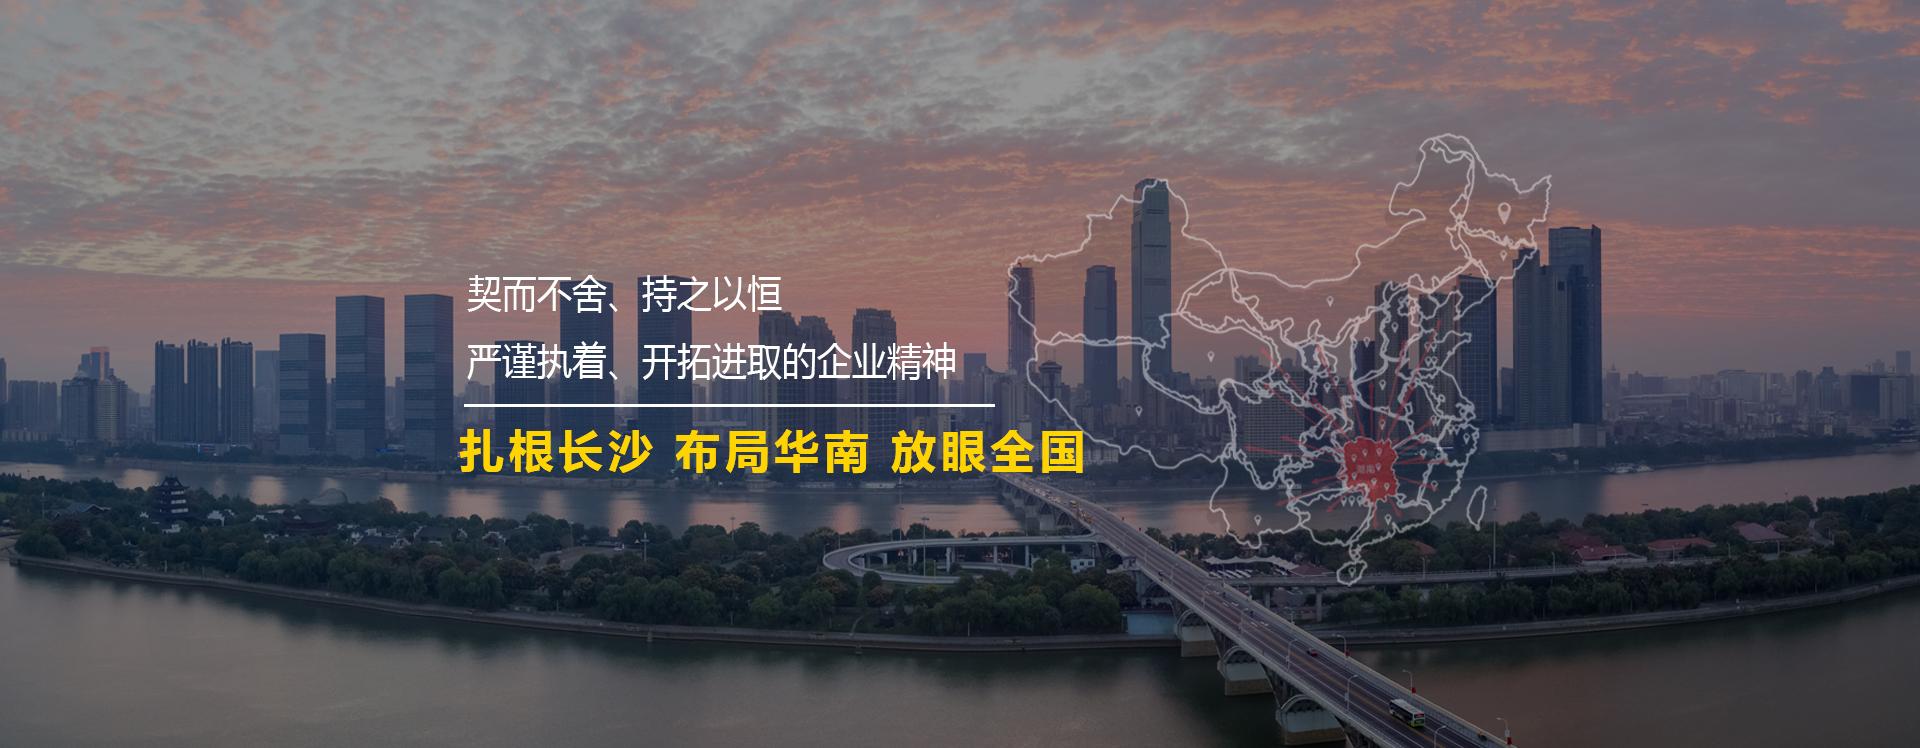 湖南市场调查_湖南市场调研公司